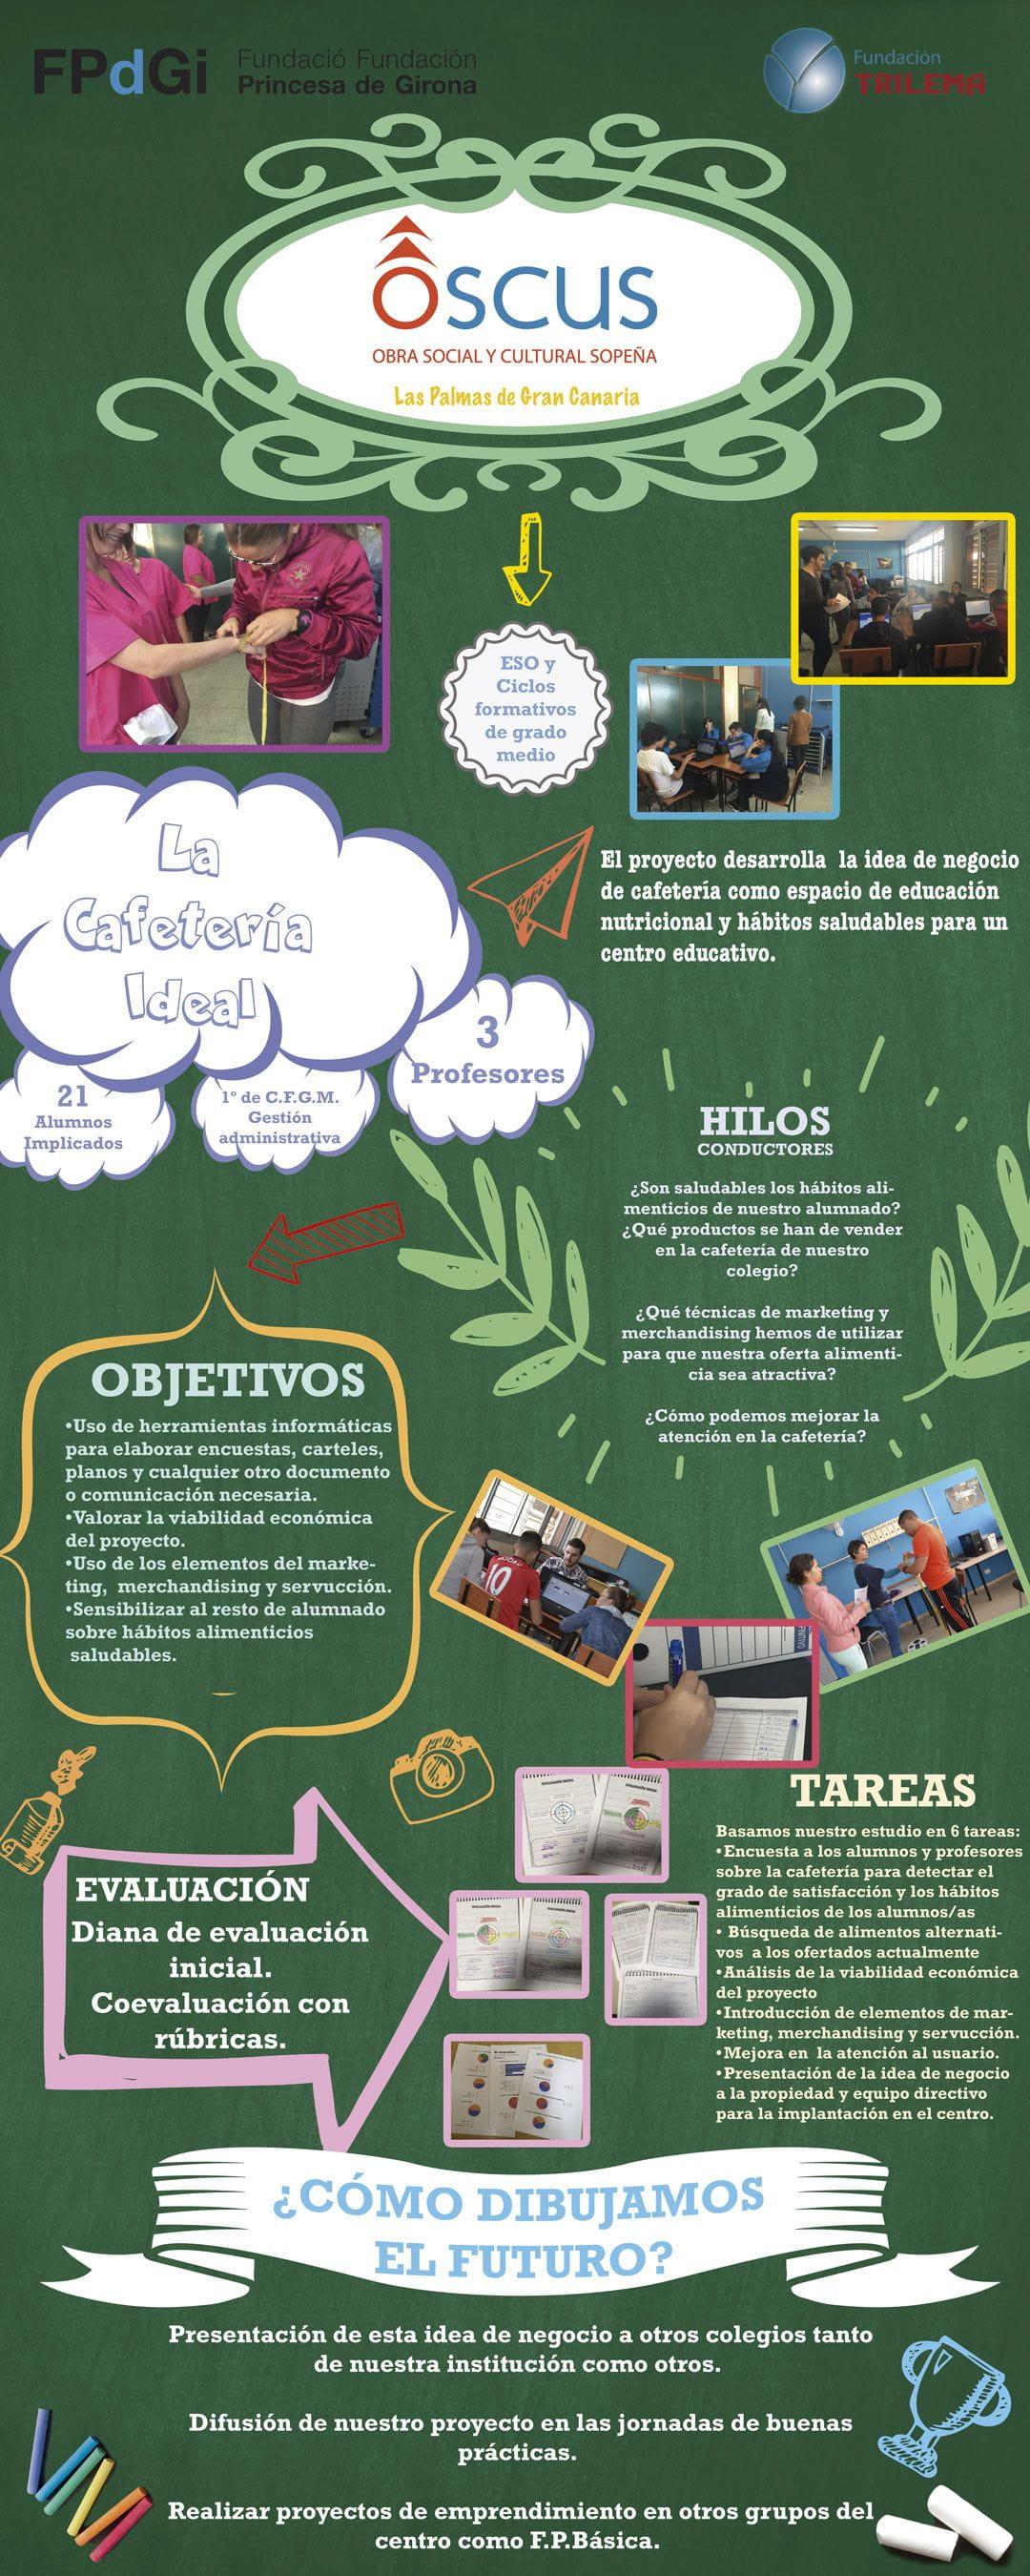 Oscus Las Palmas